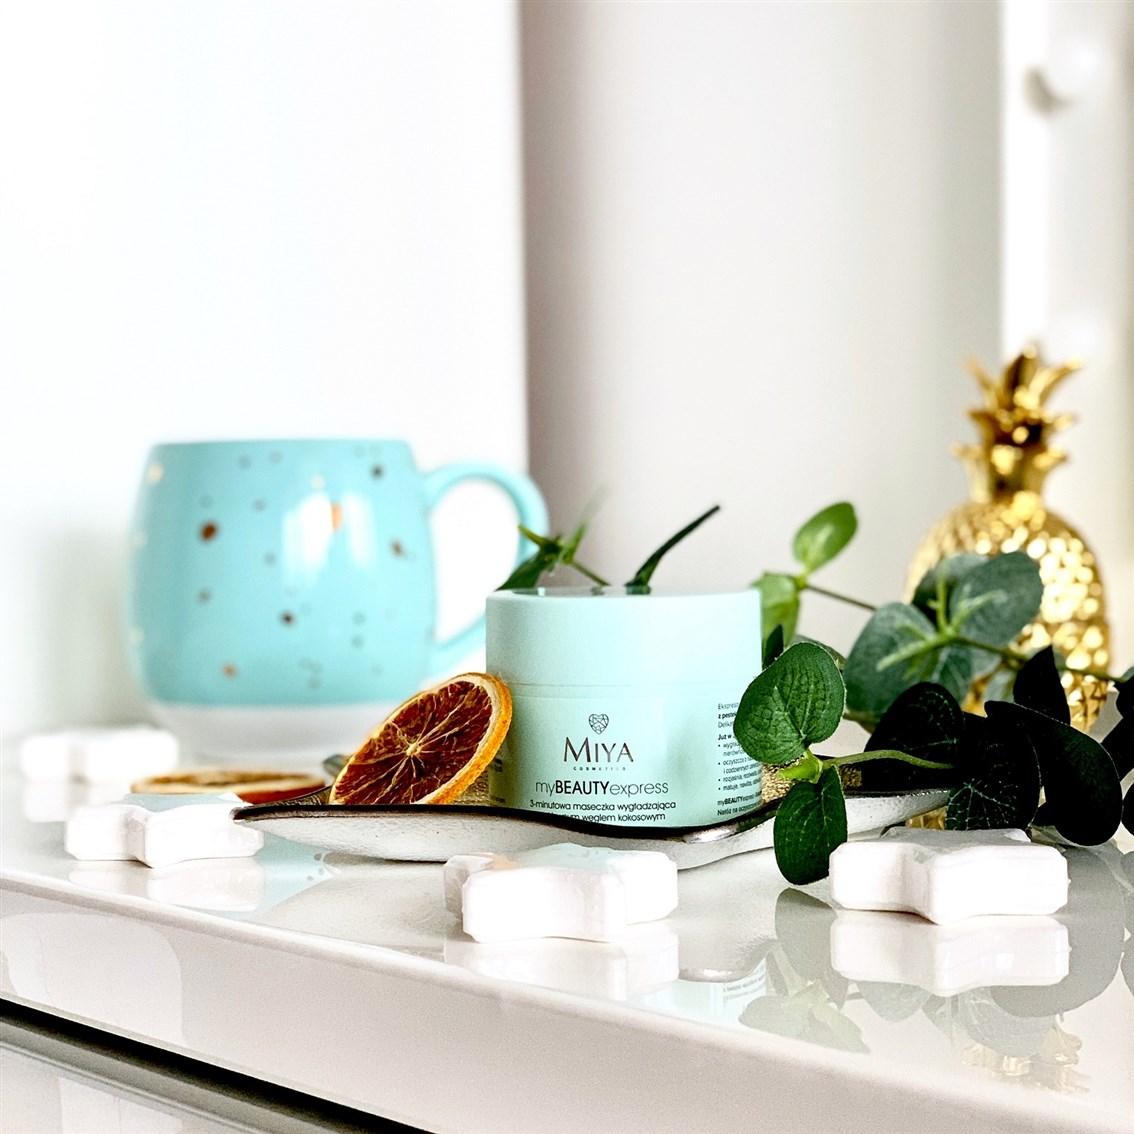 Miya Cosmetics my beauty express